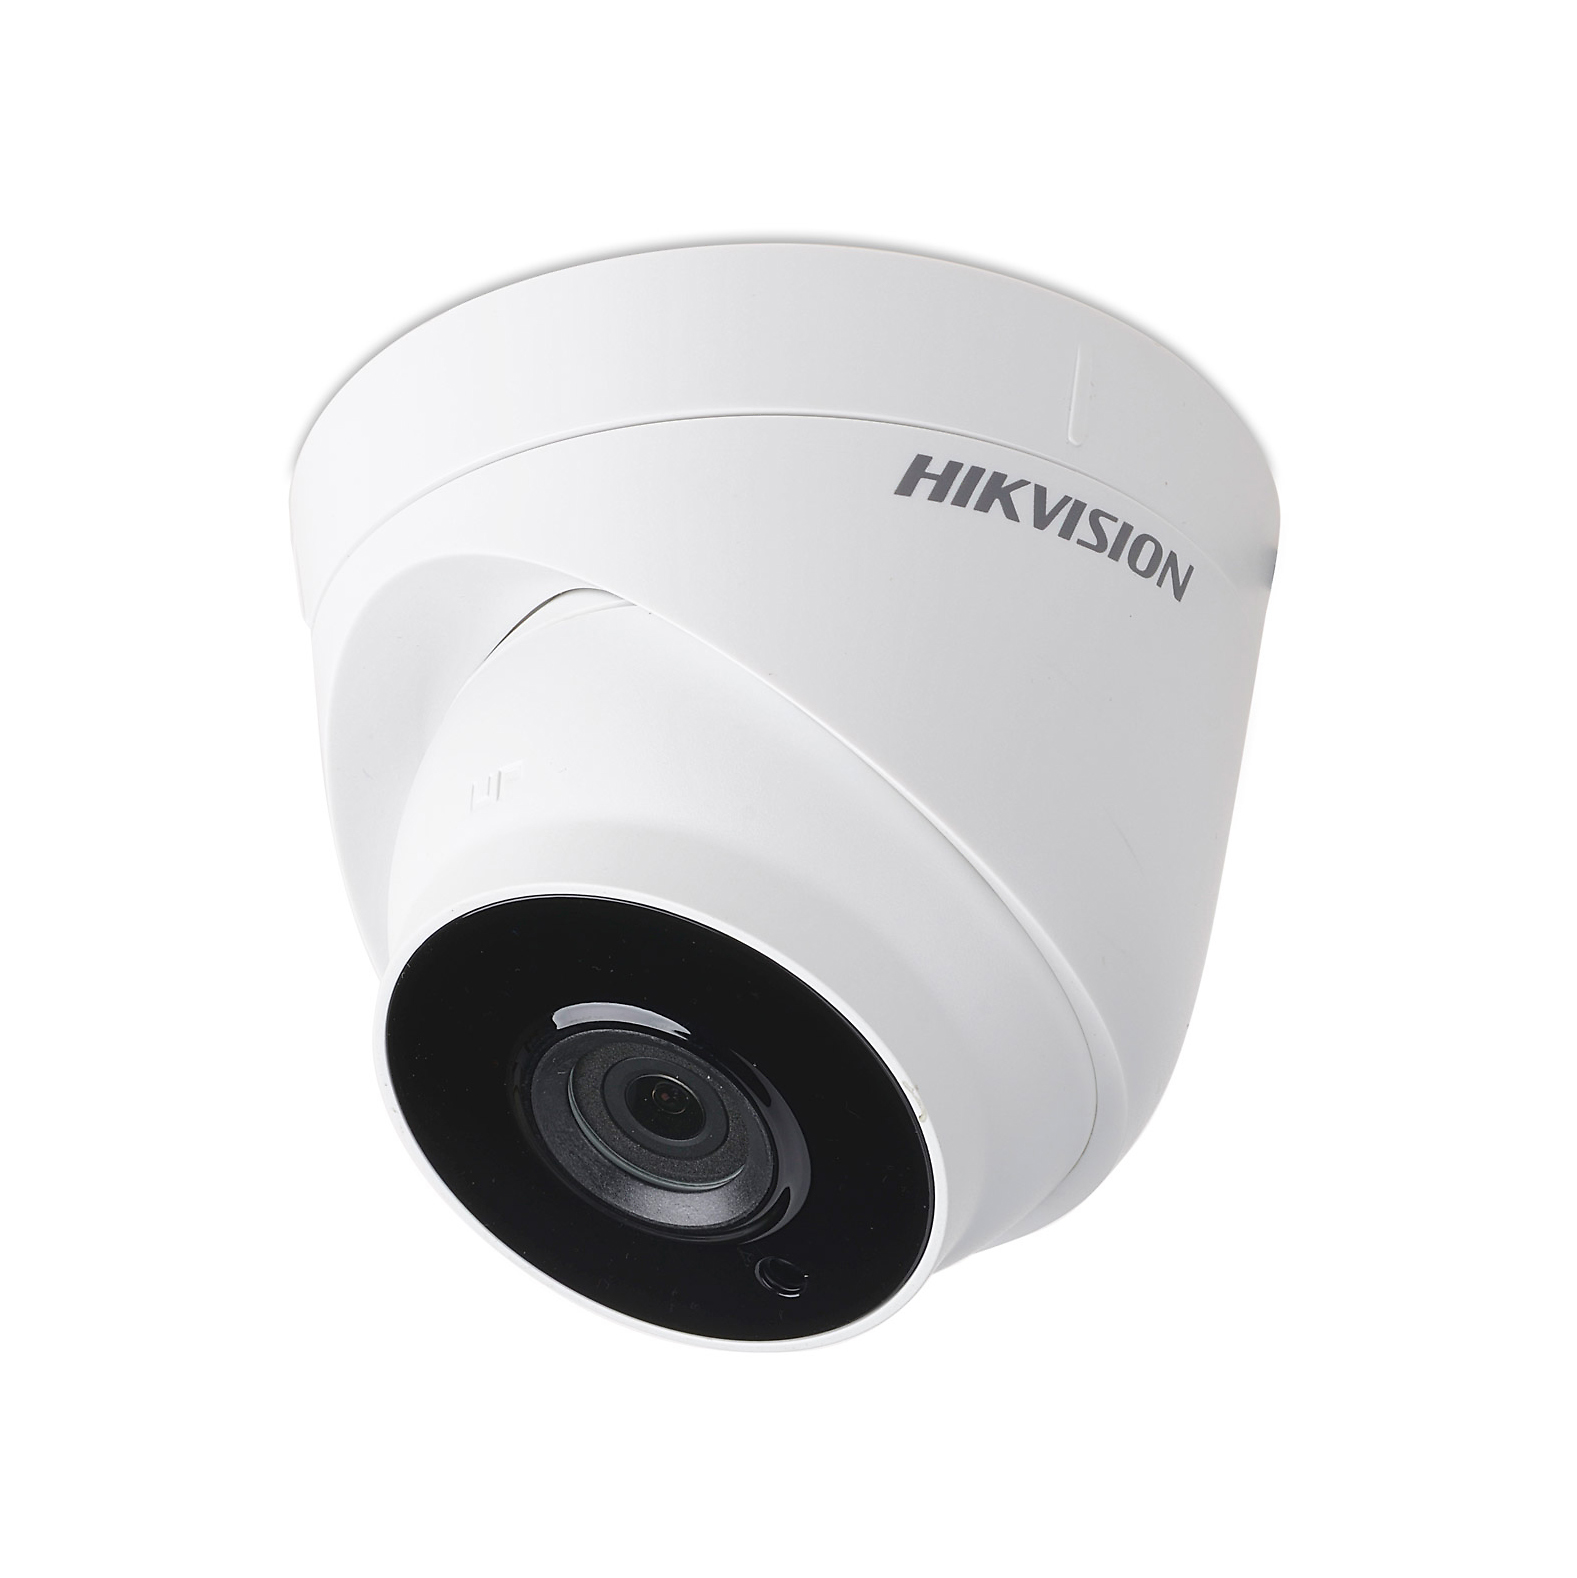 Trọn Bộ Camera 5.0MP Hikvision Hồng Ngoại 20 Mét [8 Mắt Camera] - Hàng chính hãng